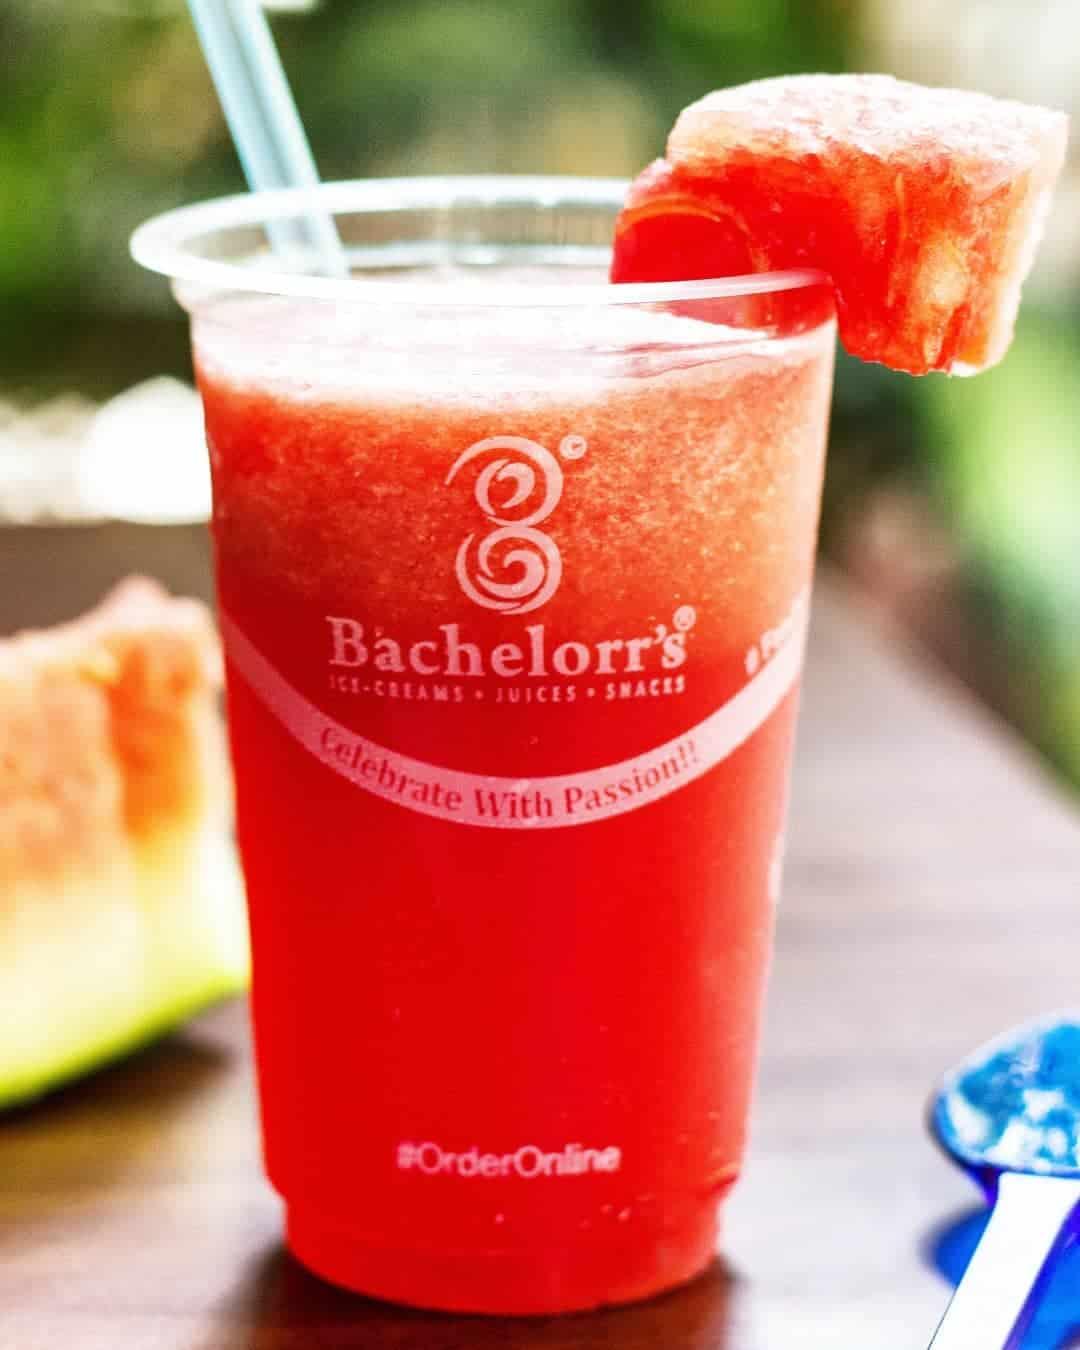 bachelorrs-mumbai-things-to-eat-drink